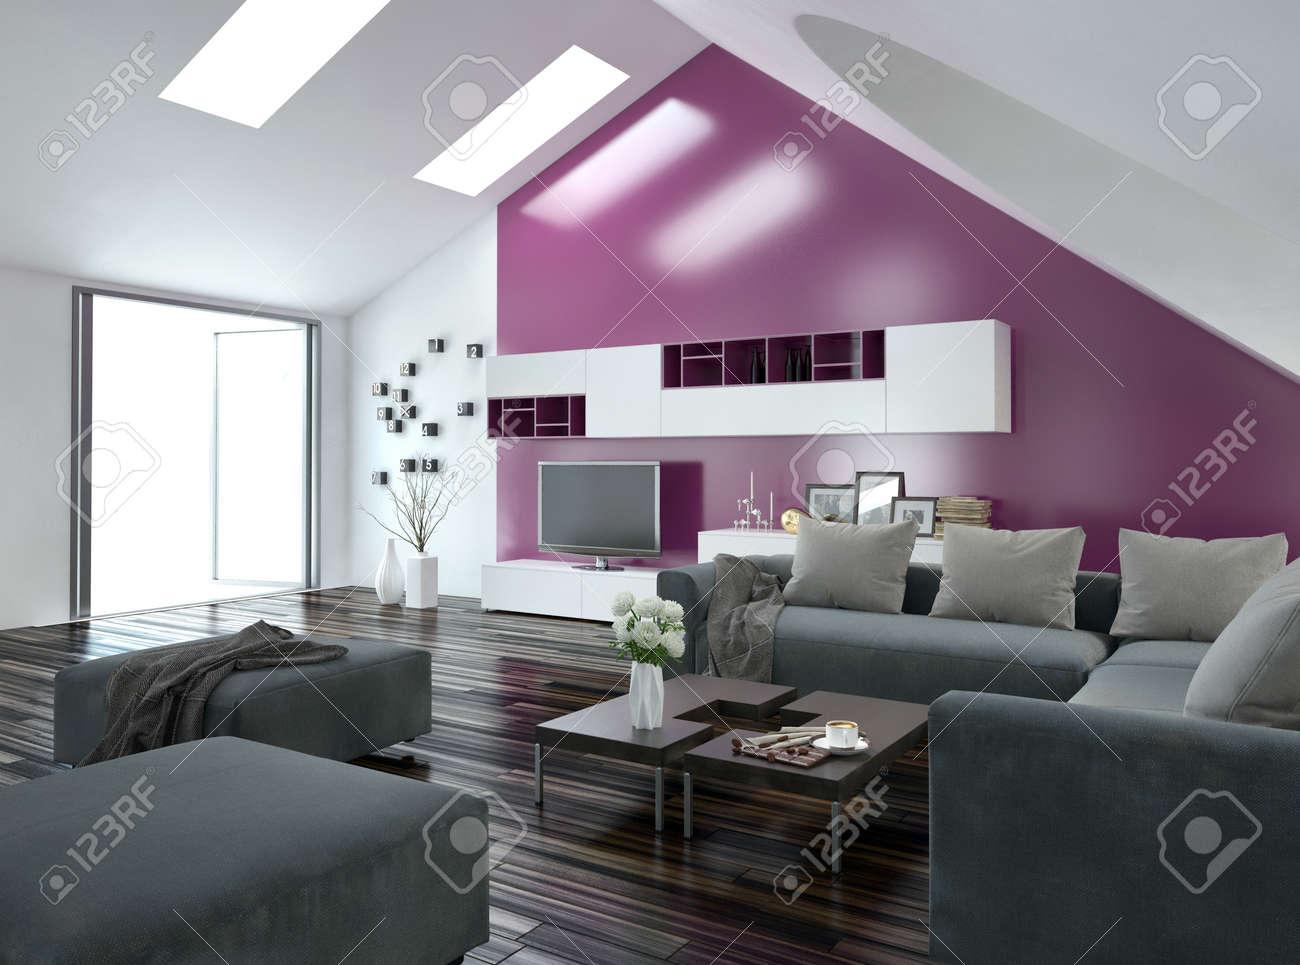 Moderne Wohnung Wohnzimmer Innenraum Mit Einem Lila Akzent Wand Und